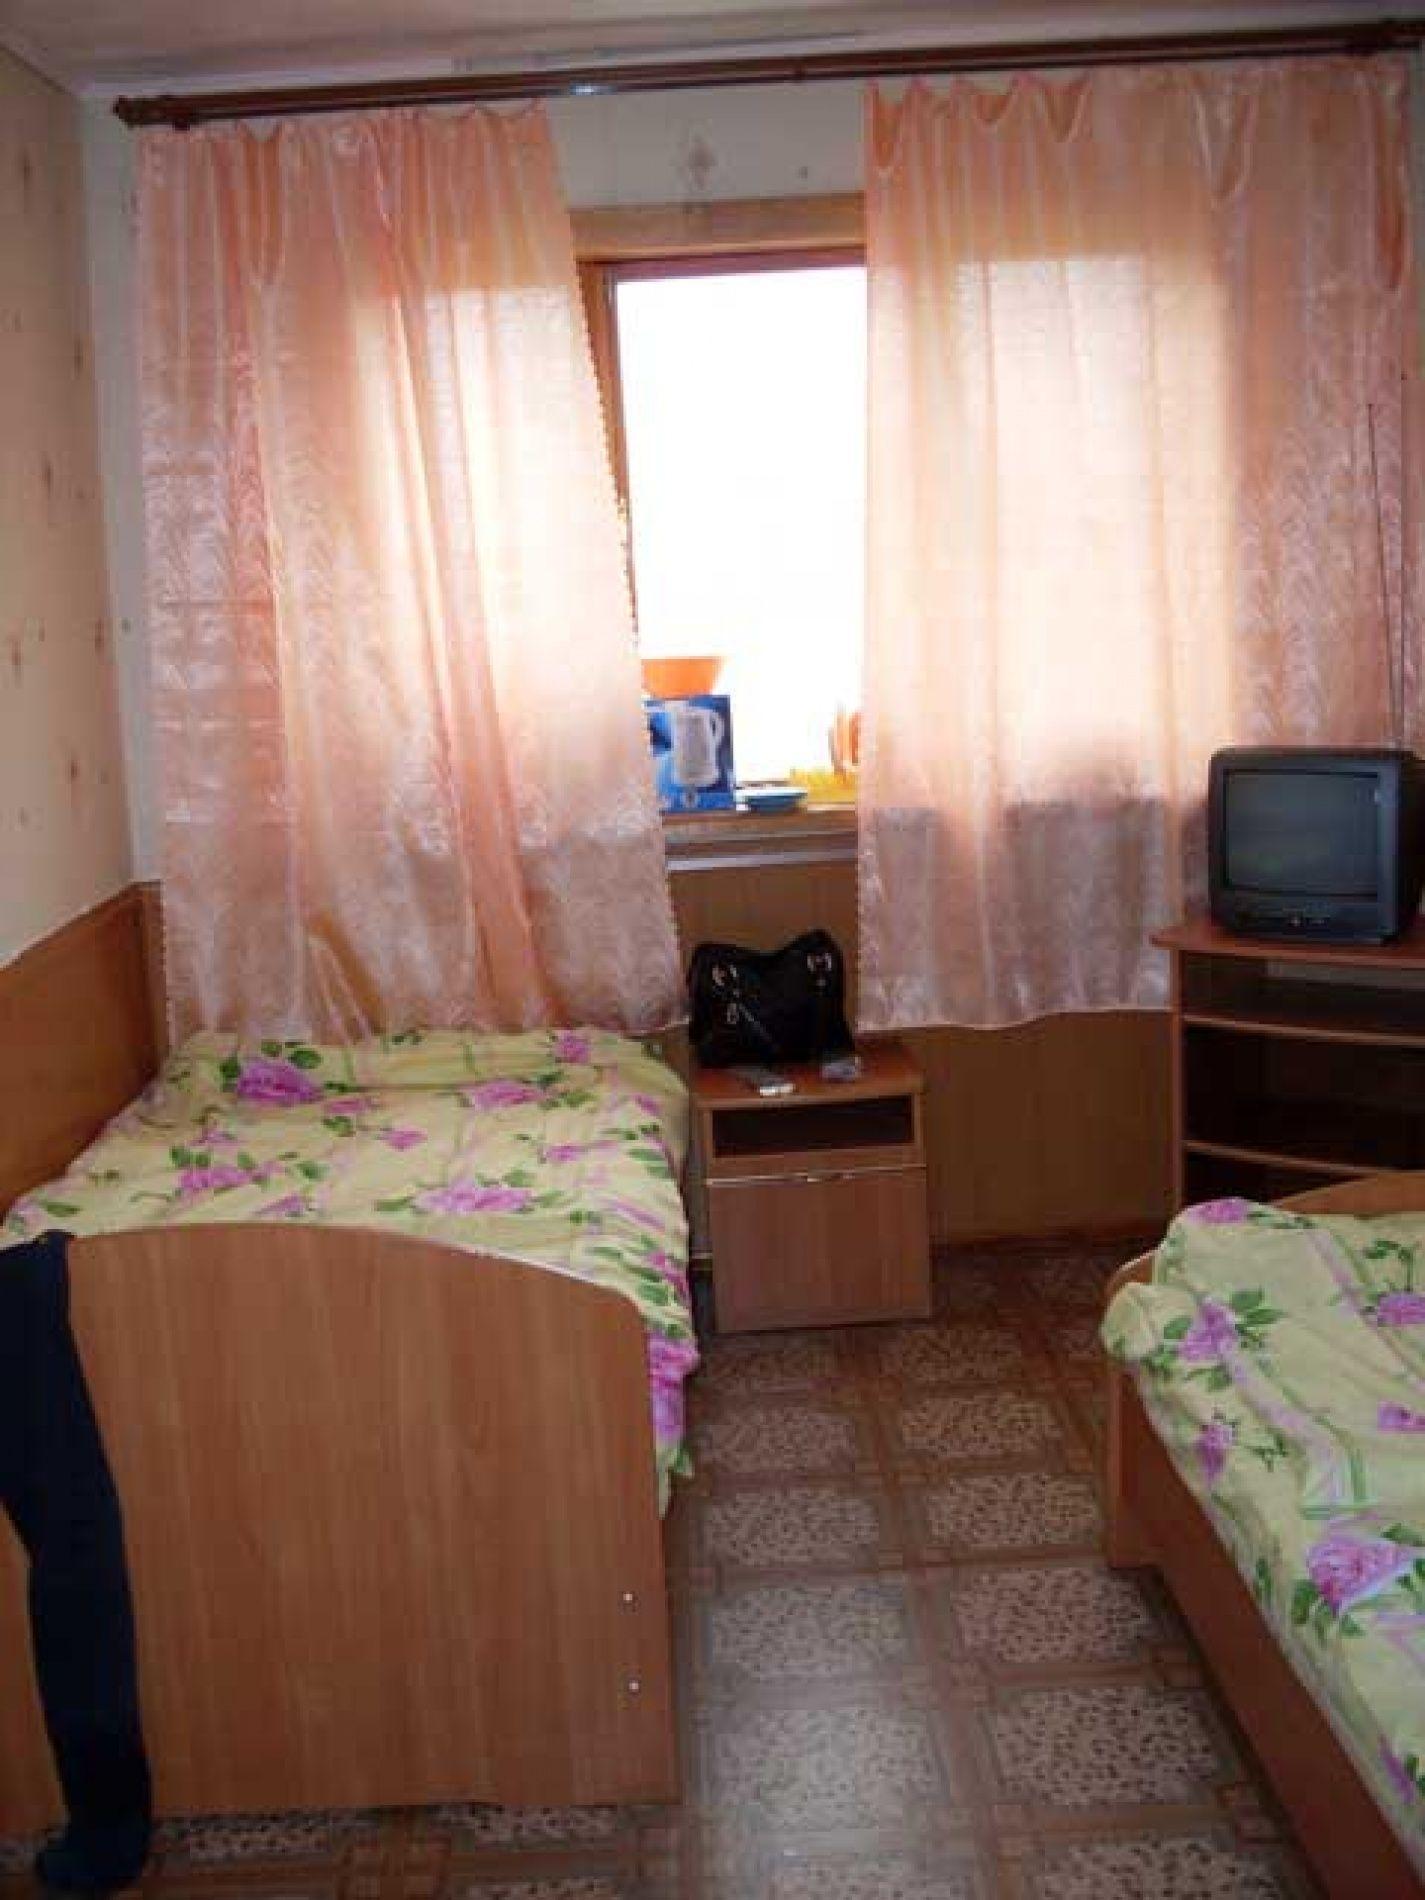 Турбаза «Жемчуг» Саратовская область 4-местный дом, фото 4